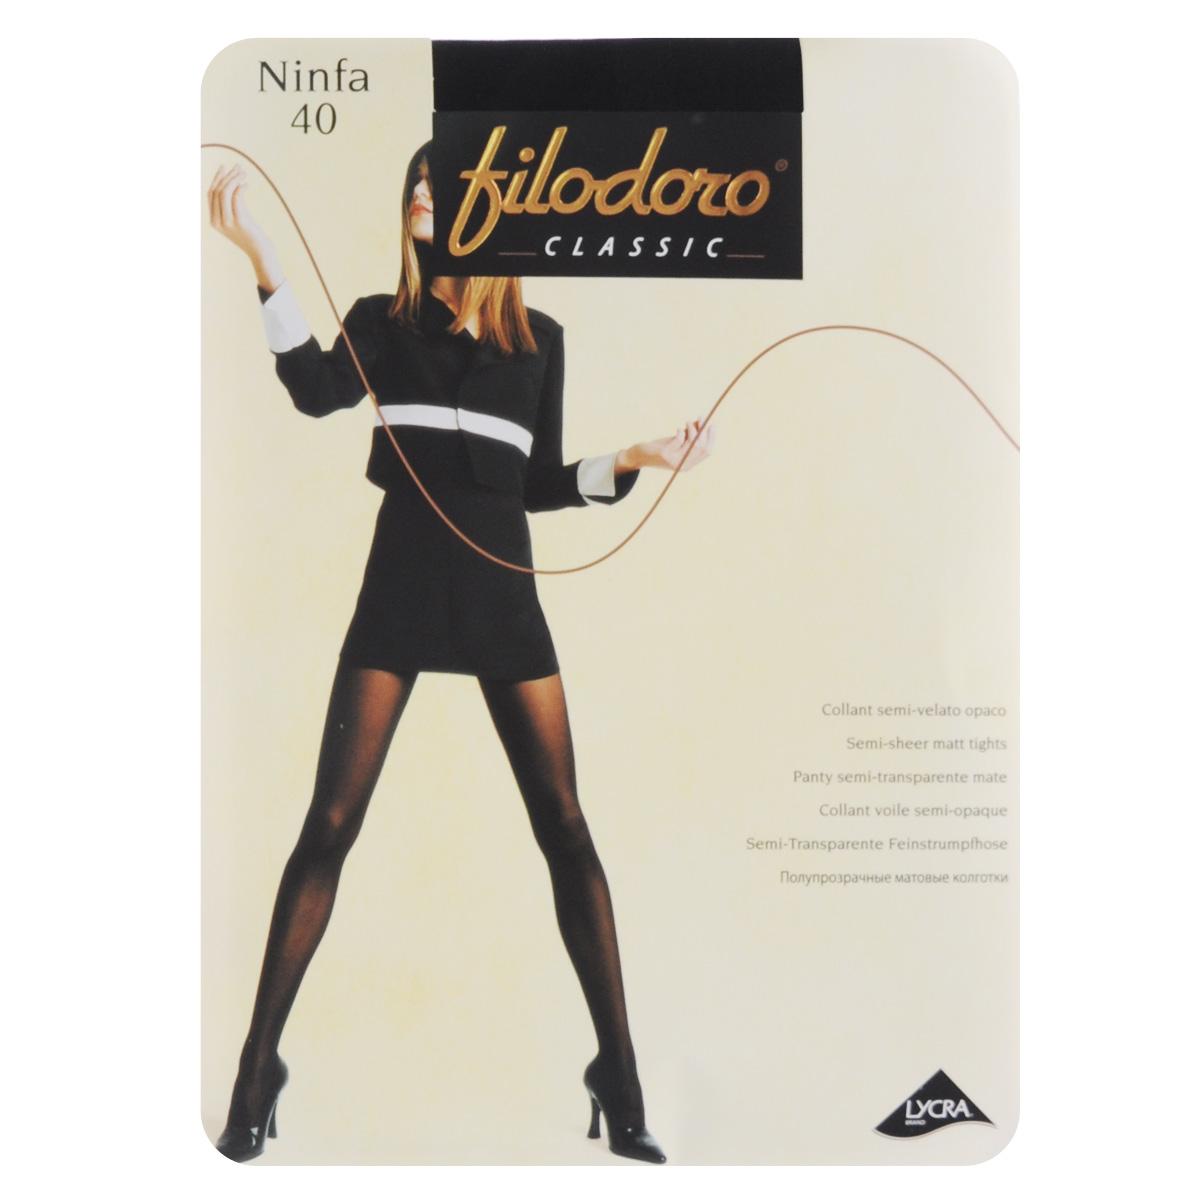 Колготки женские Filodoro Classic Ninfa 40, цвет: Nero (черный). C115059FC. Размер 5 (Maxi-XL) колготки женские filodoro classic oda 40 elegance цвет nero черный c113128fc размер 5 maxi xl